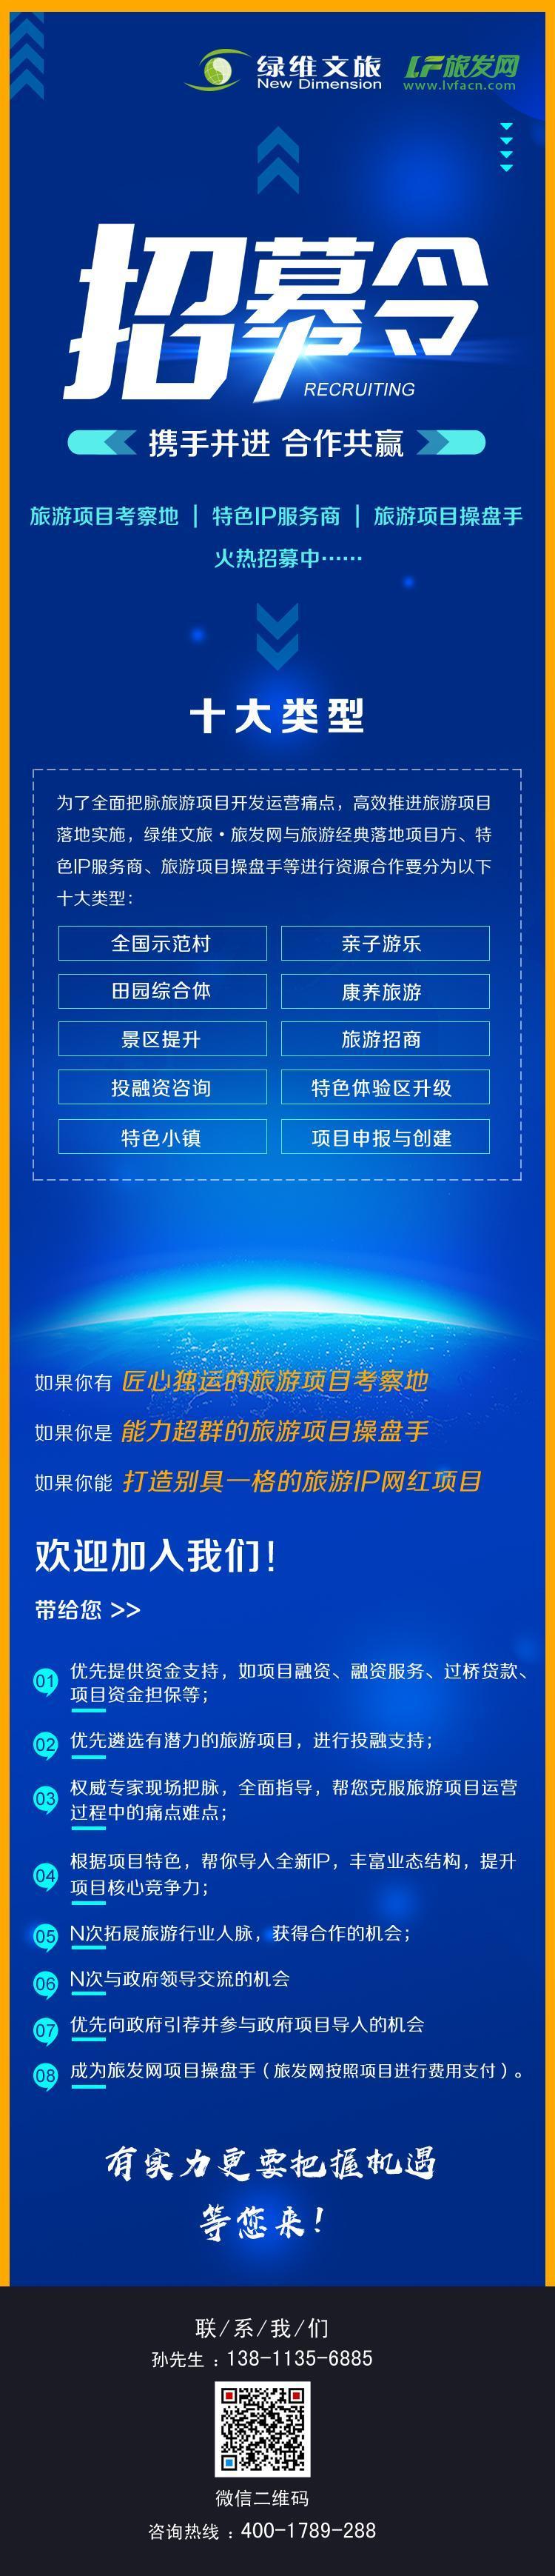 招募令-内页海报7.jpg